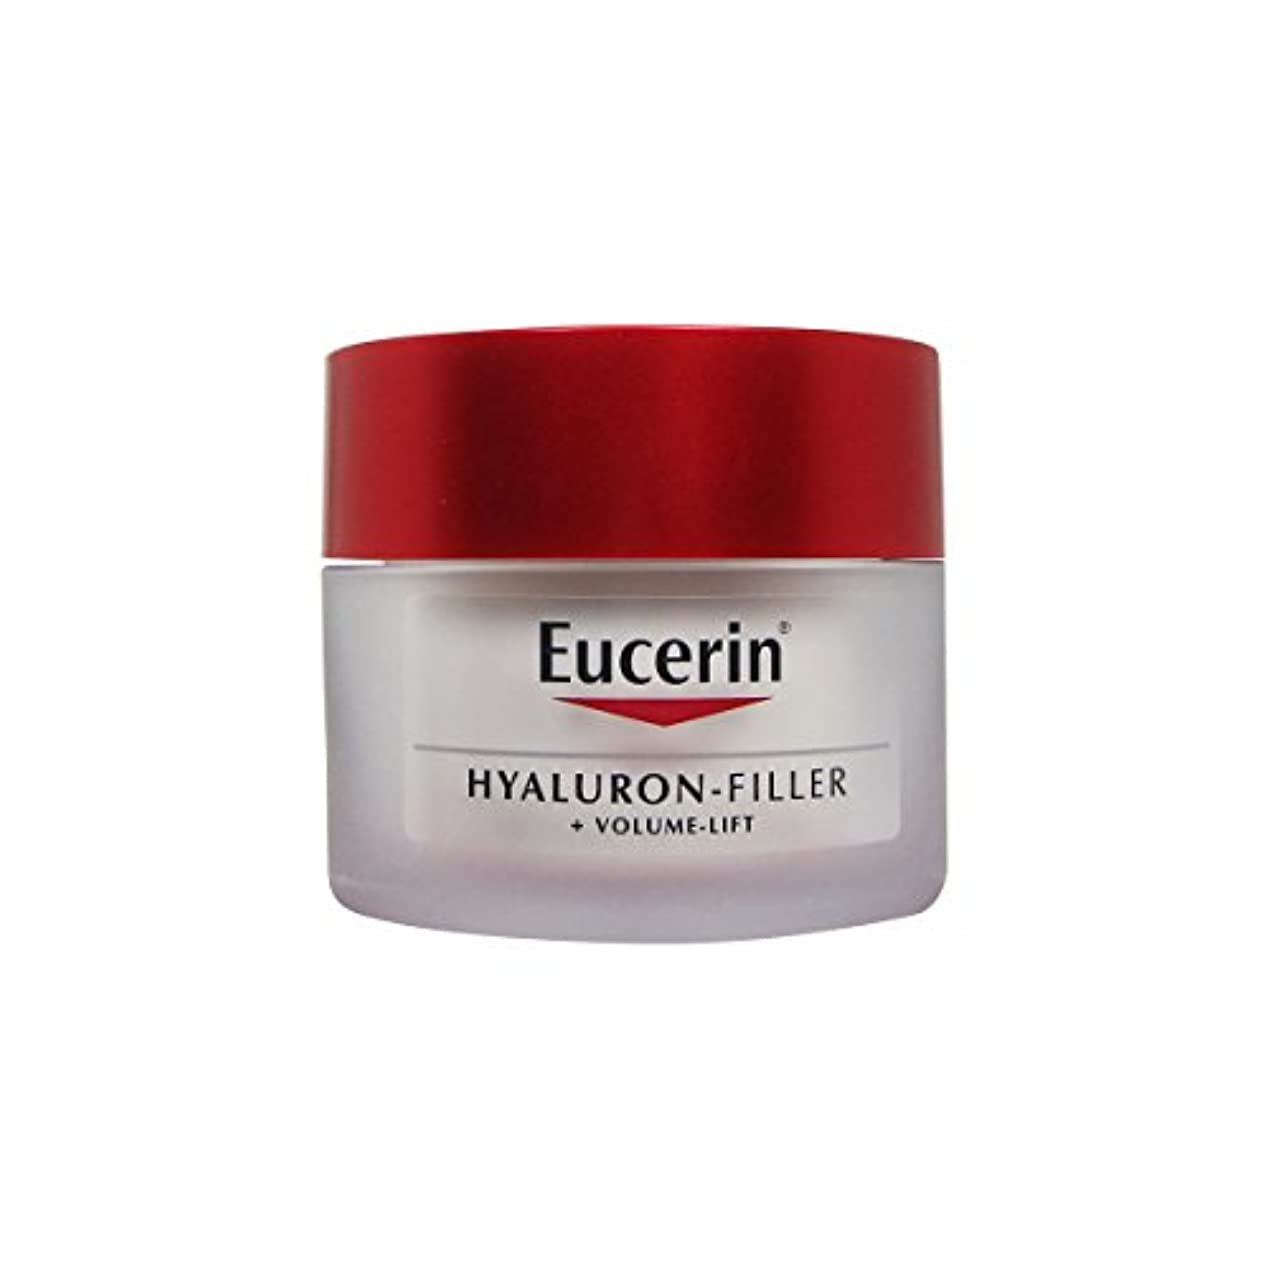 ジョガーゲスト納得させるEucerin Hyaluron Filler + Volume Lift Day Cream Normal to Combination Skin 50ml